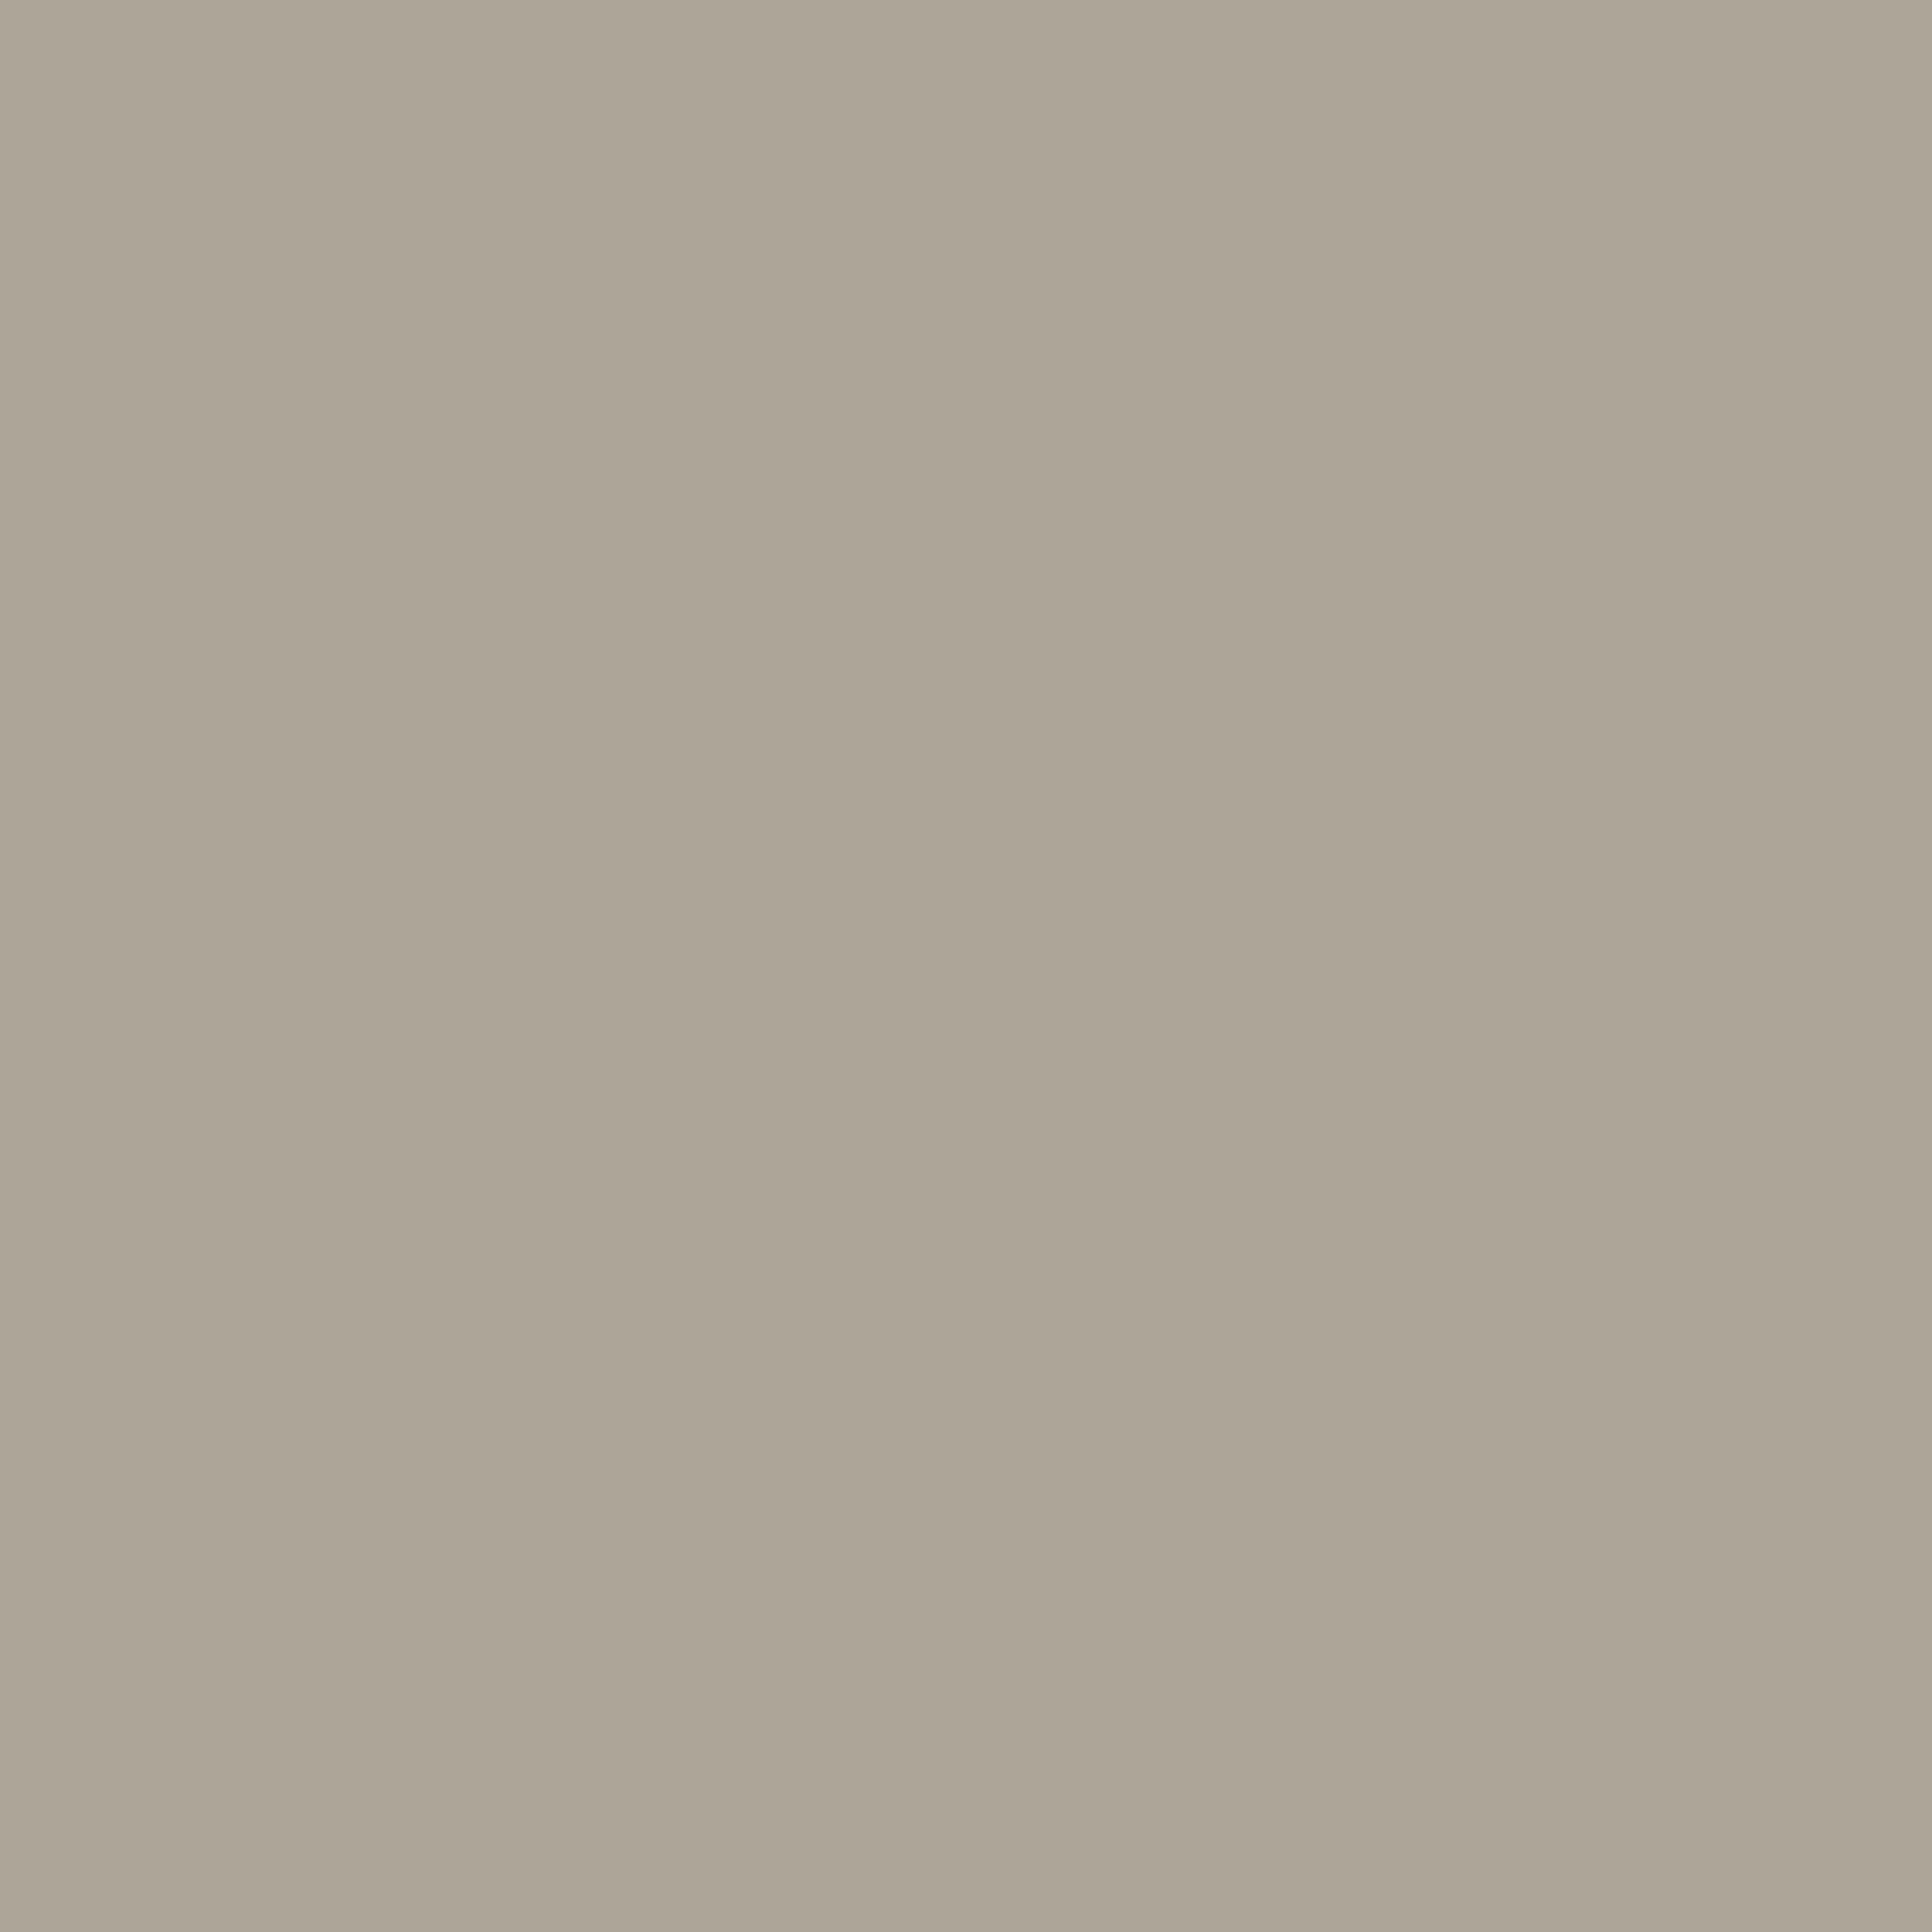 4mm Mocha Grey Glass Splashback